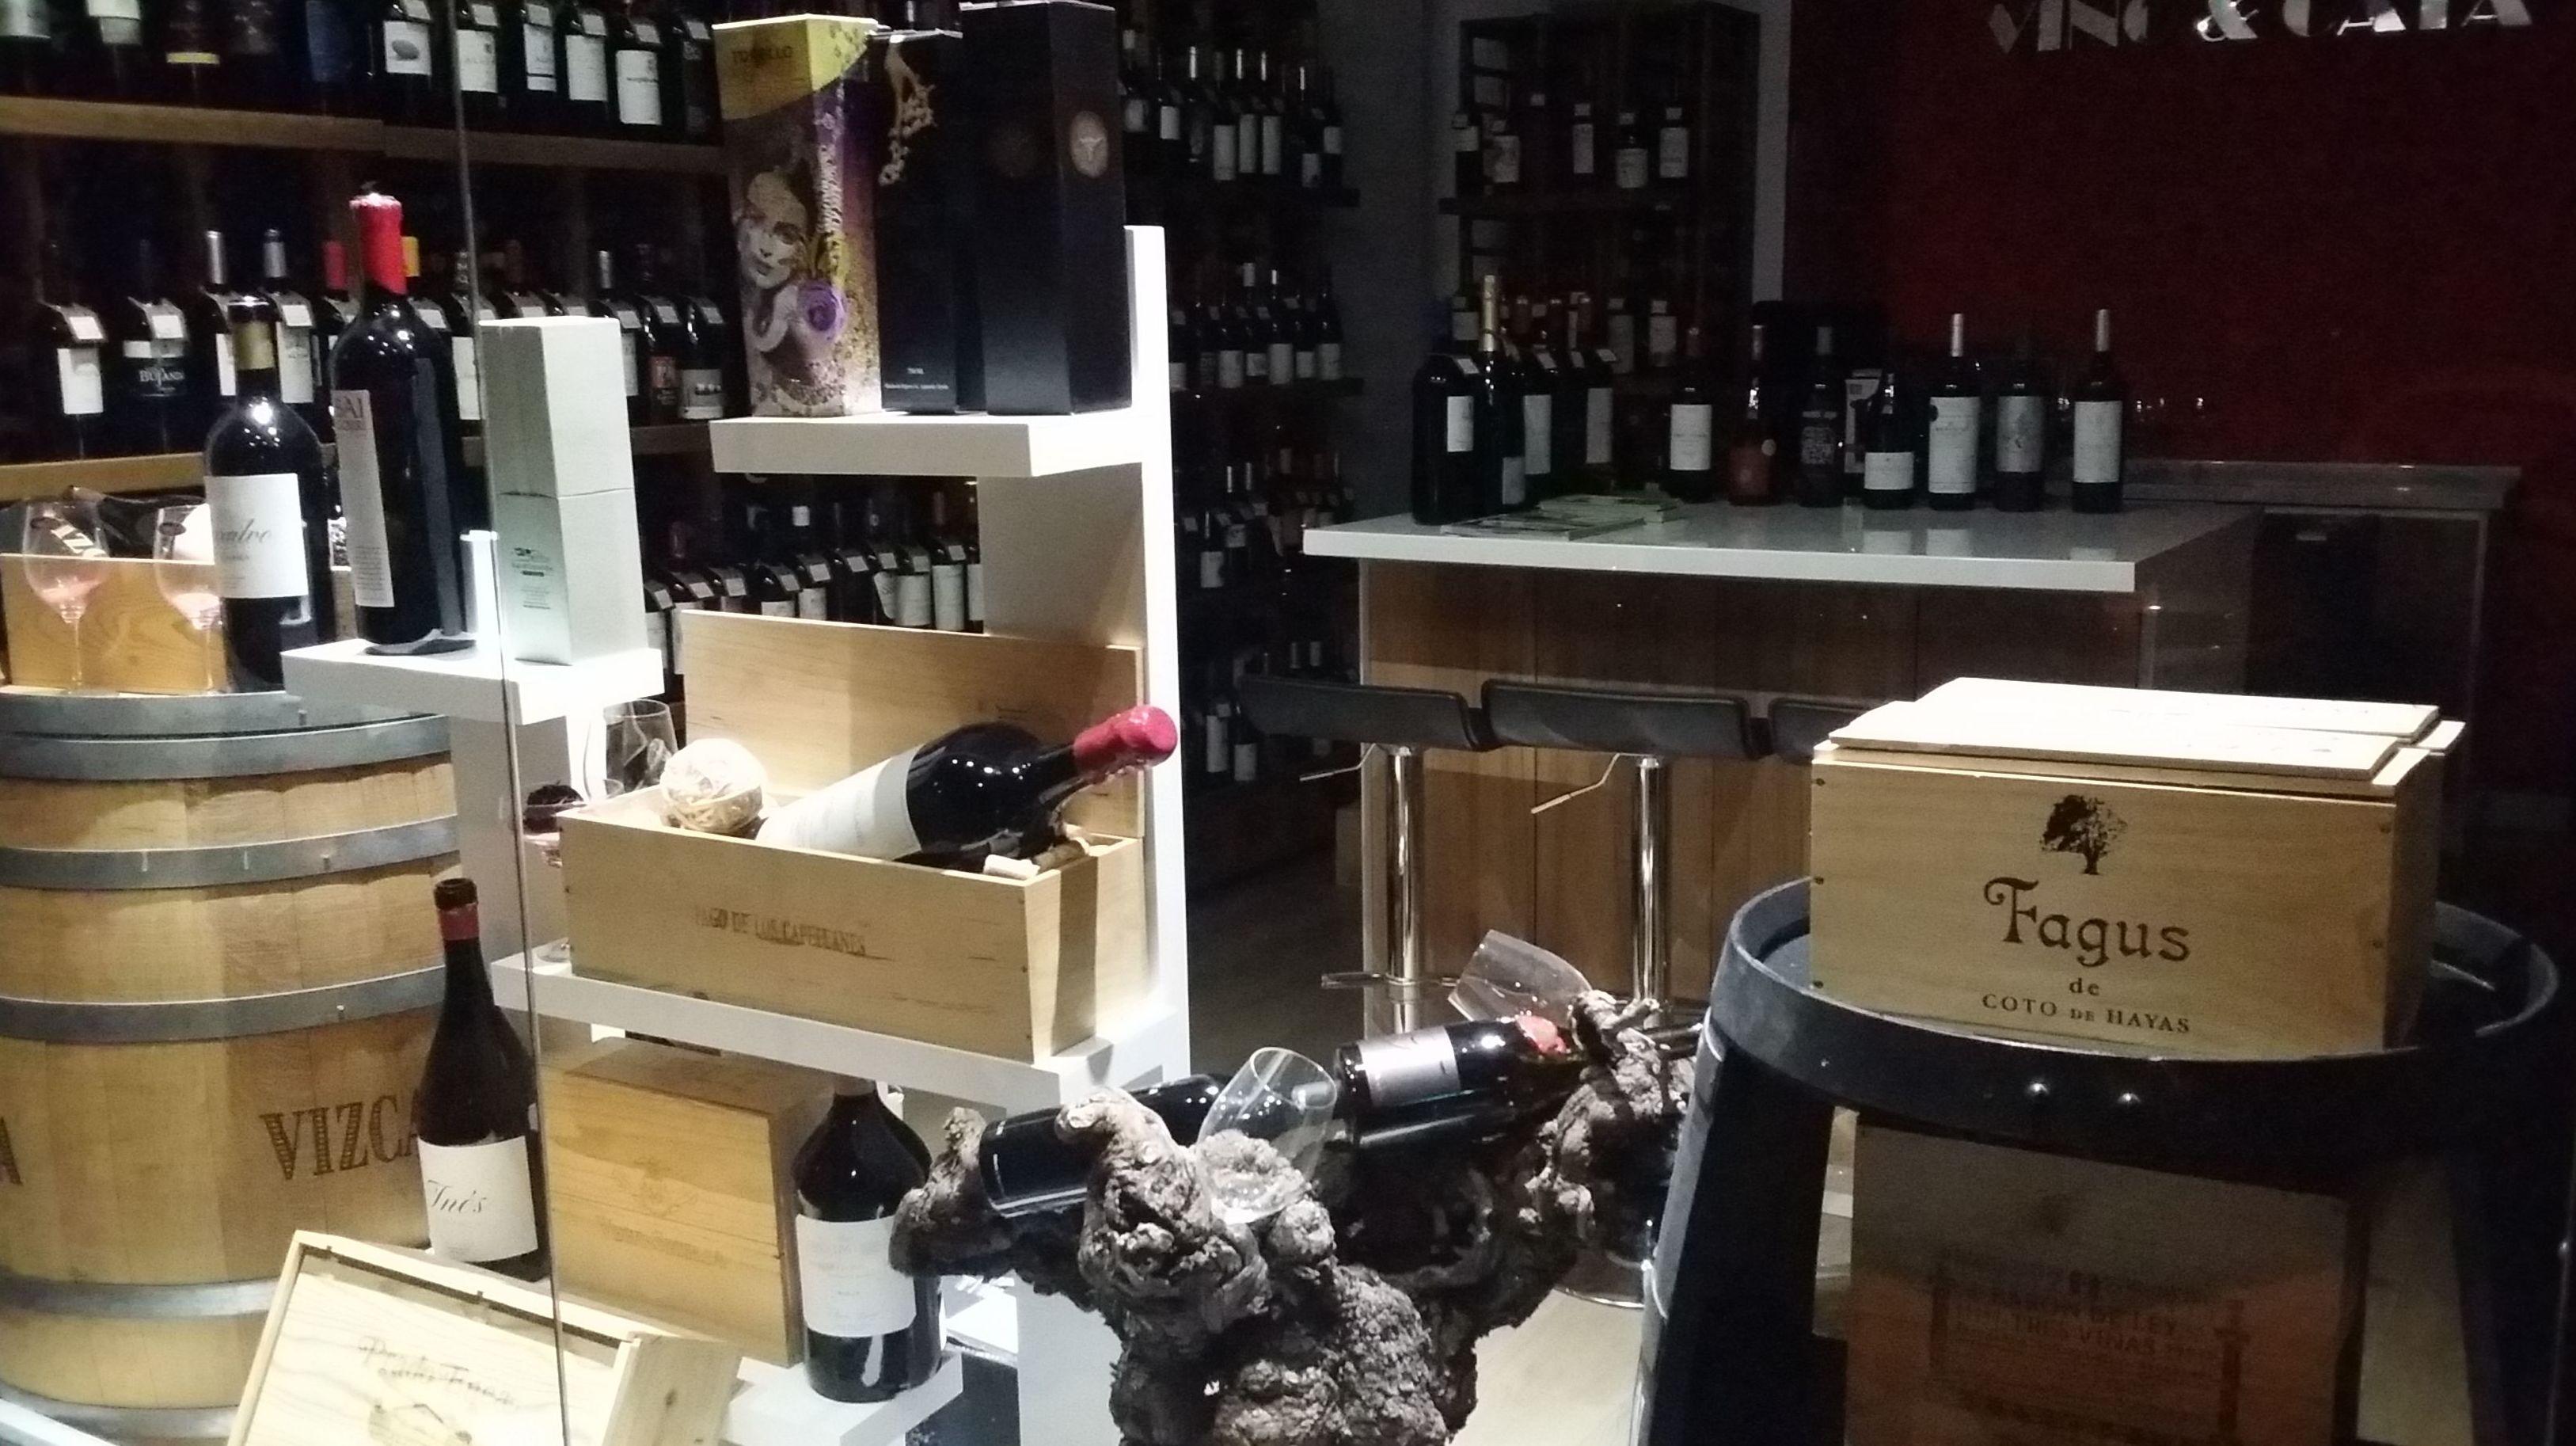 Catas de vino en Madrid centro